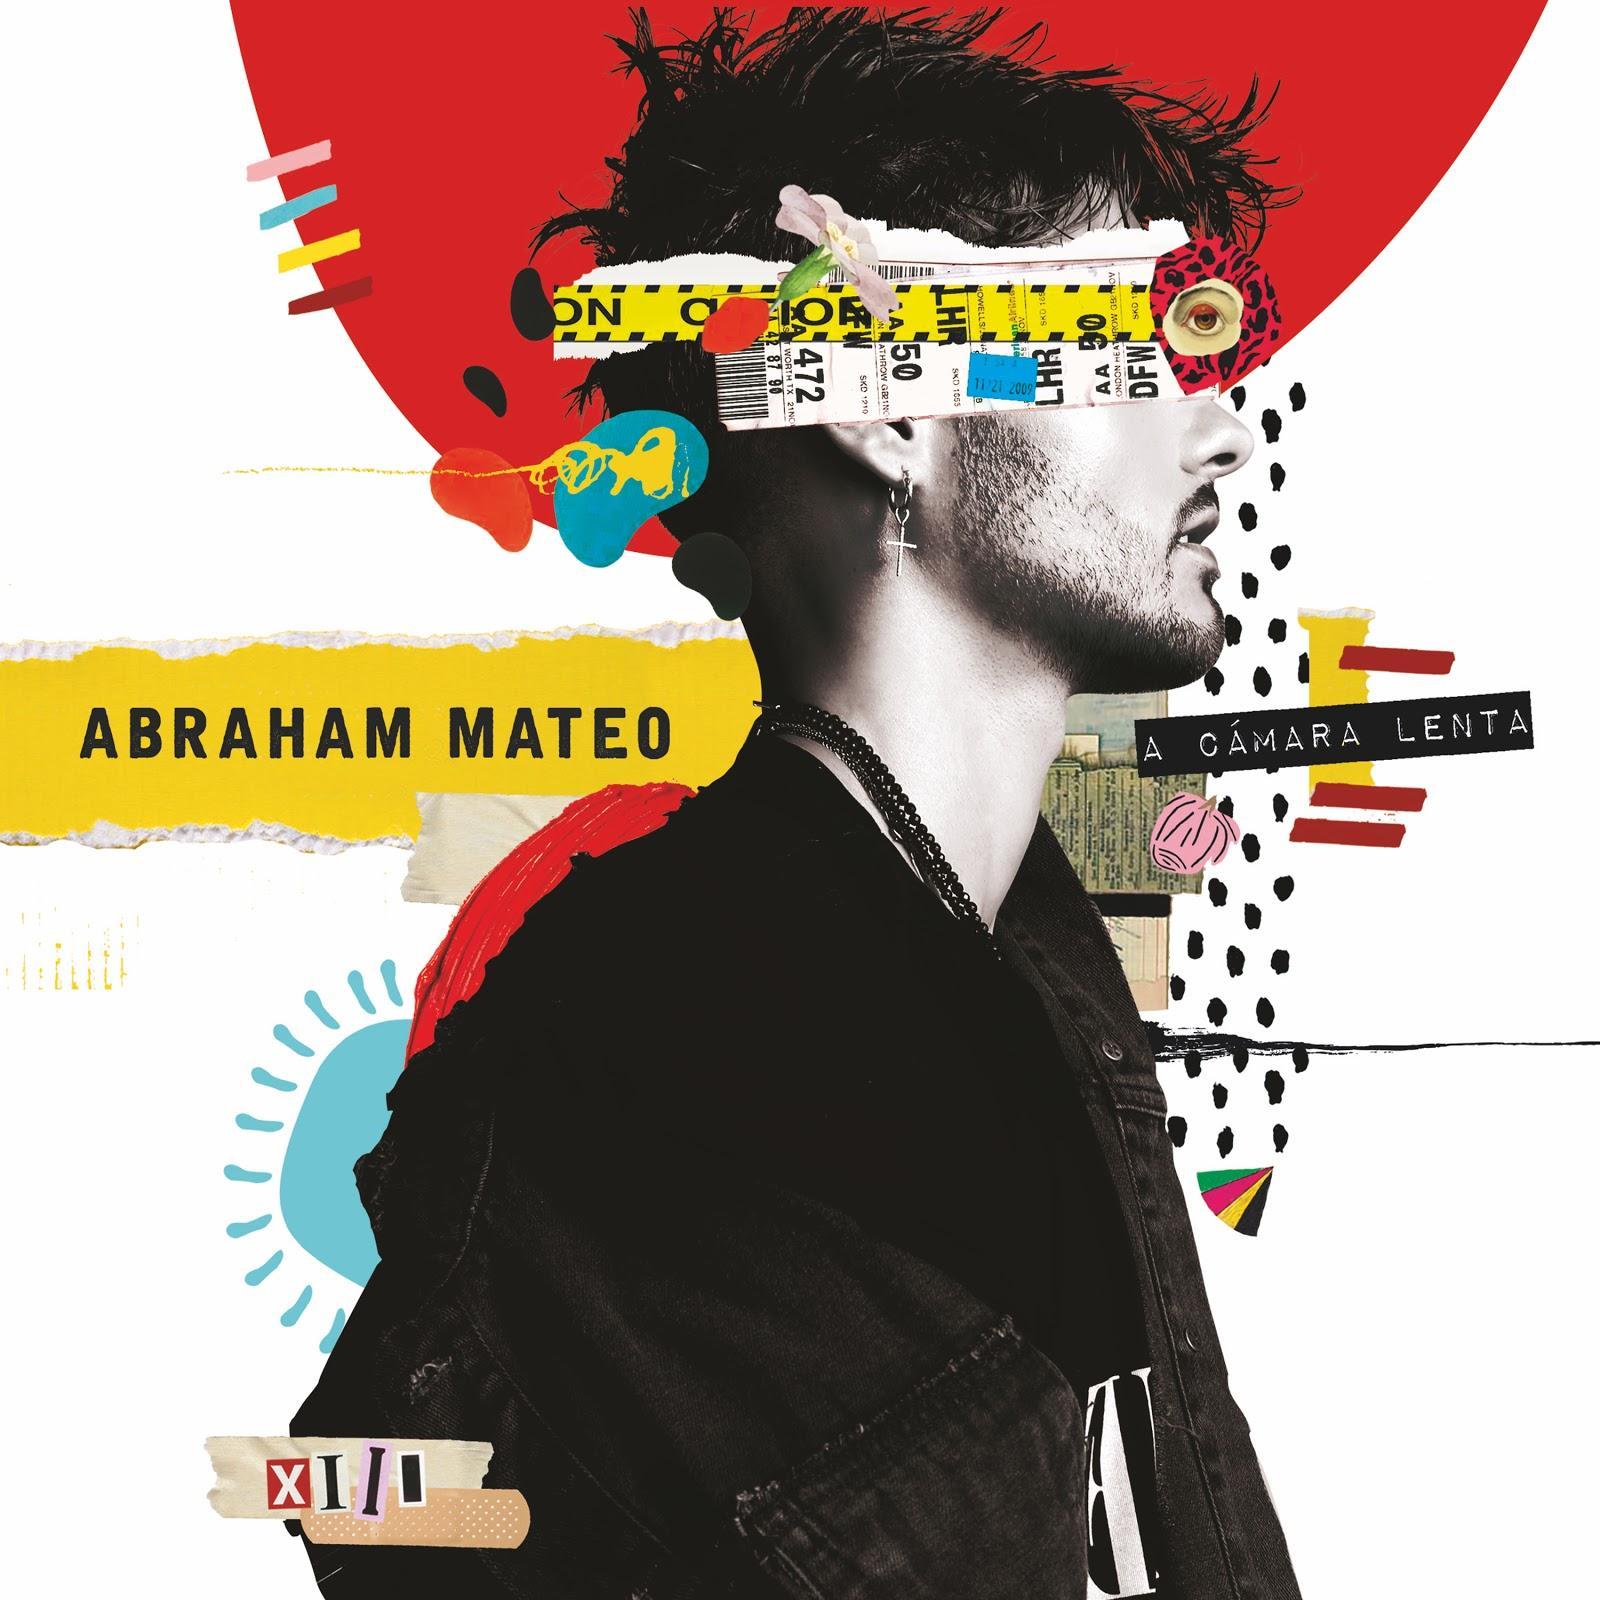 """Abraham Mateo lanza su nuevo álbum """"A Cámara Lenta"""""""